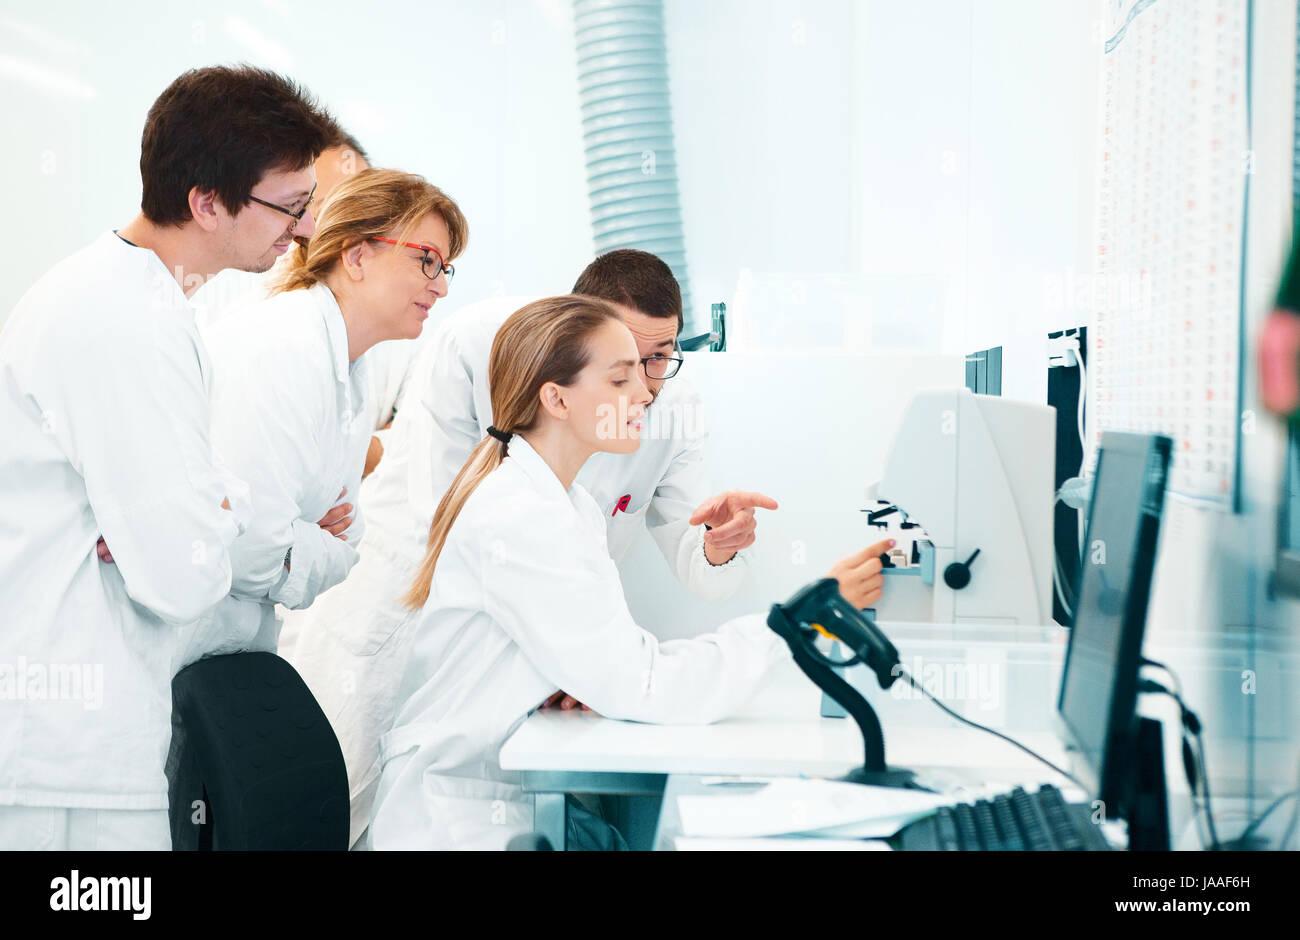 Les chercheurs de laboratoire, médecins, scientifiques Photo Stock